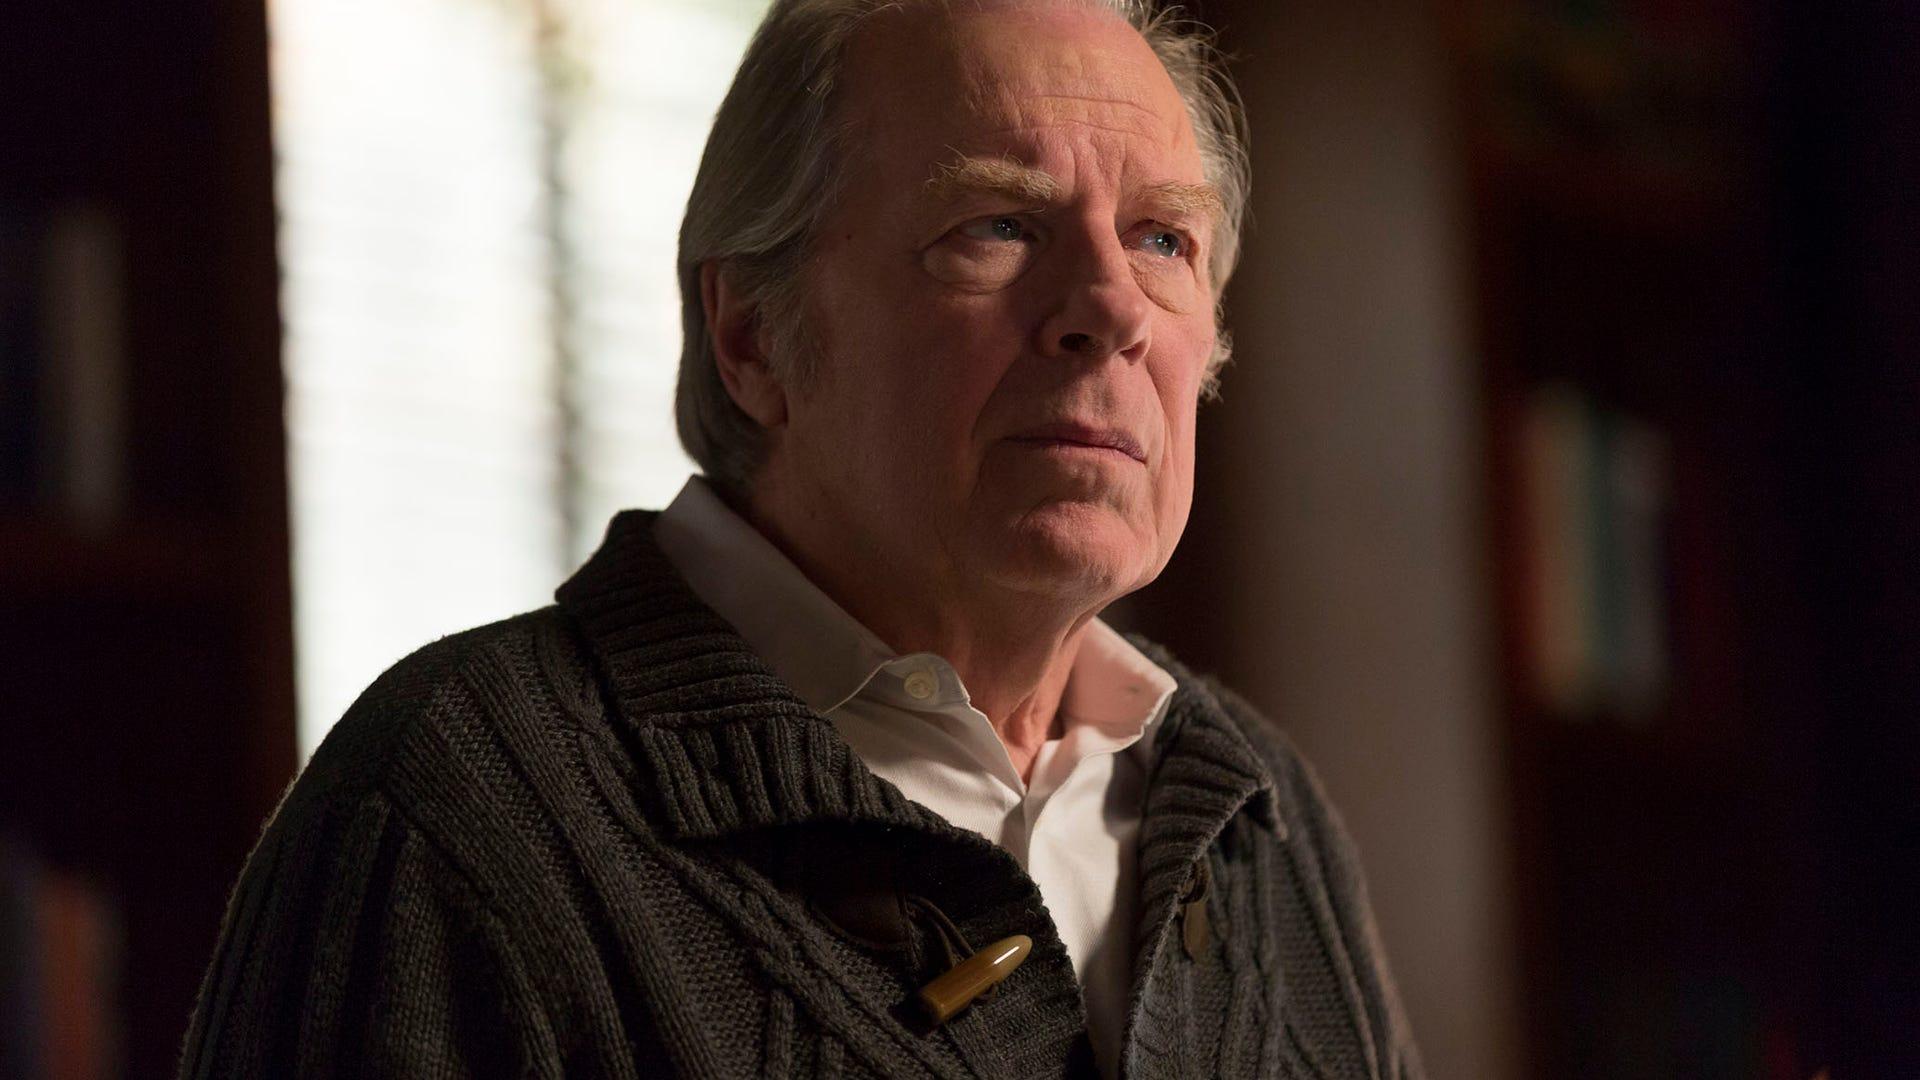 Michael McKean, Better Call Saul